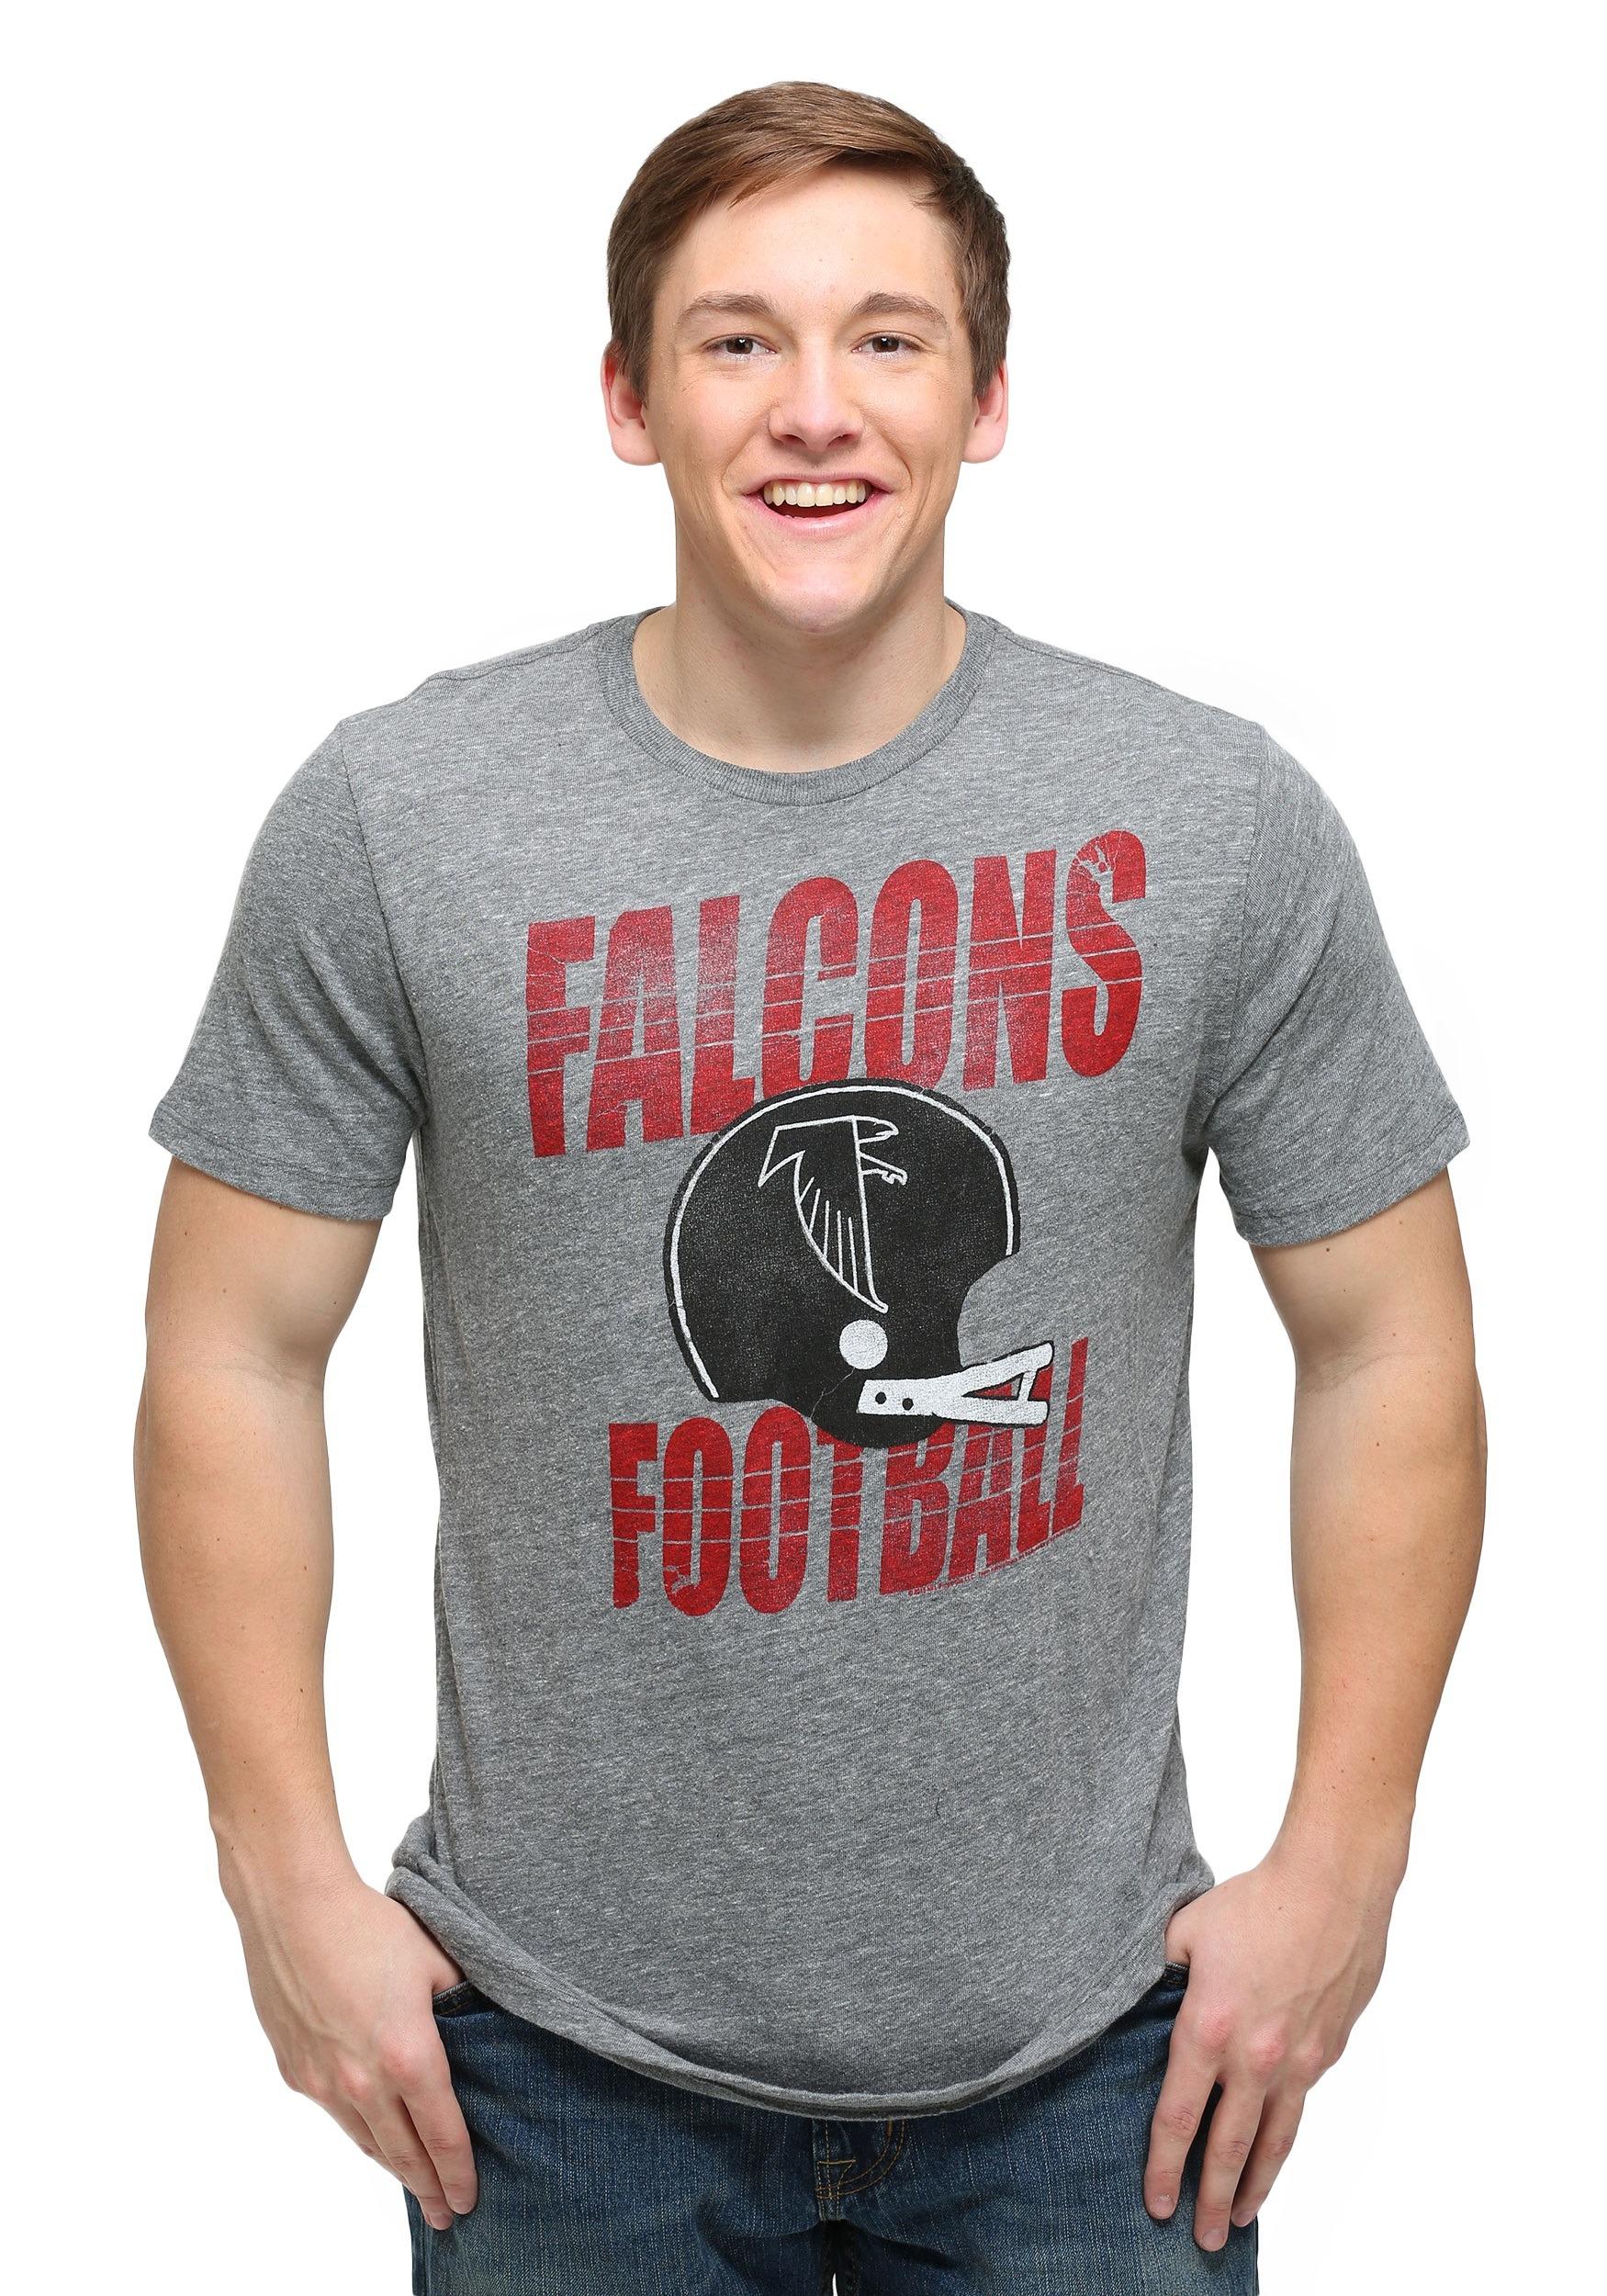 brand new e6edf 4a162 Atlanta Falcons Touchdown Tri-Blend T-Shirt